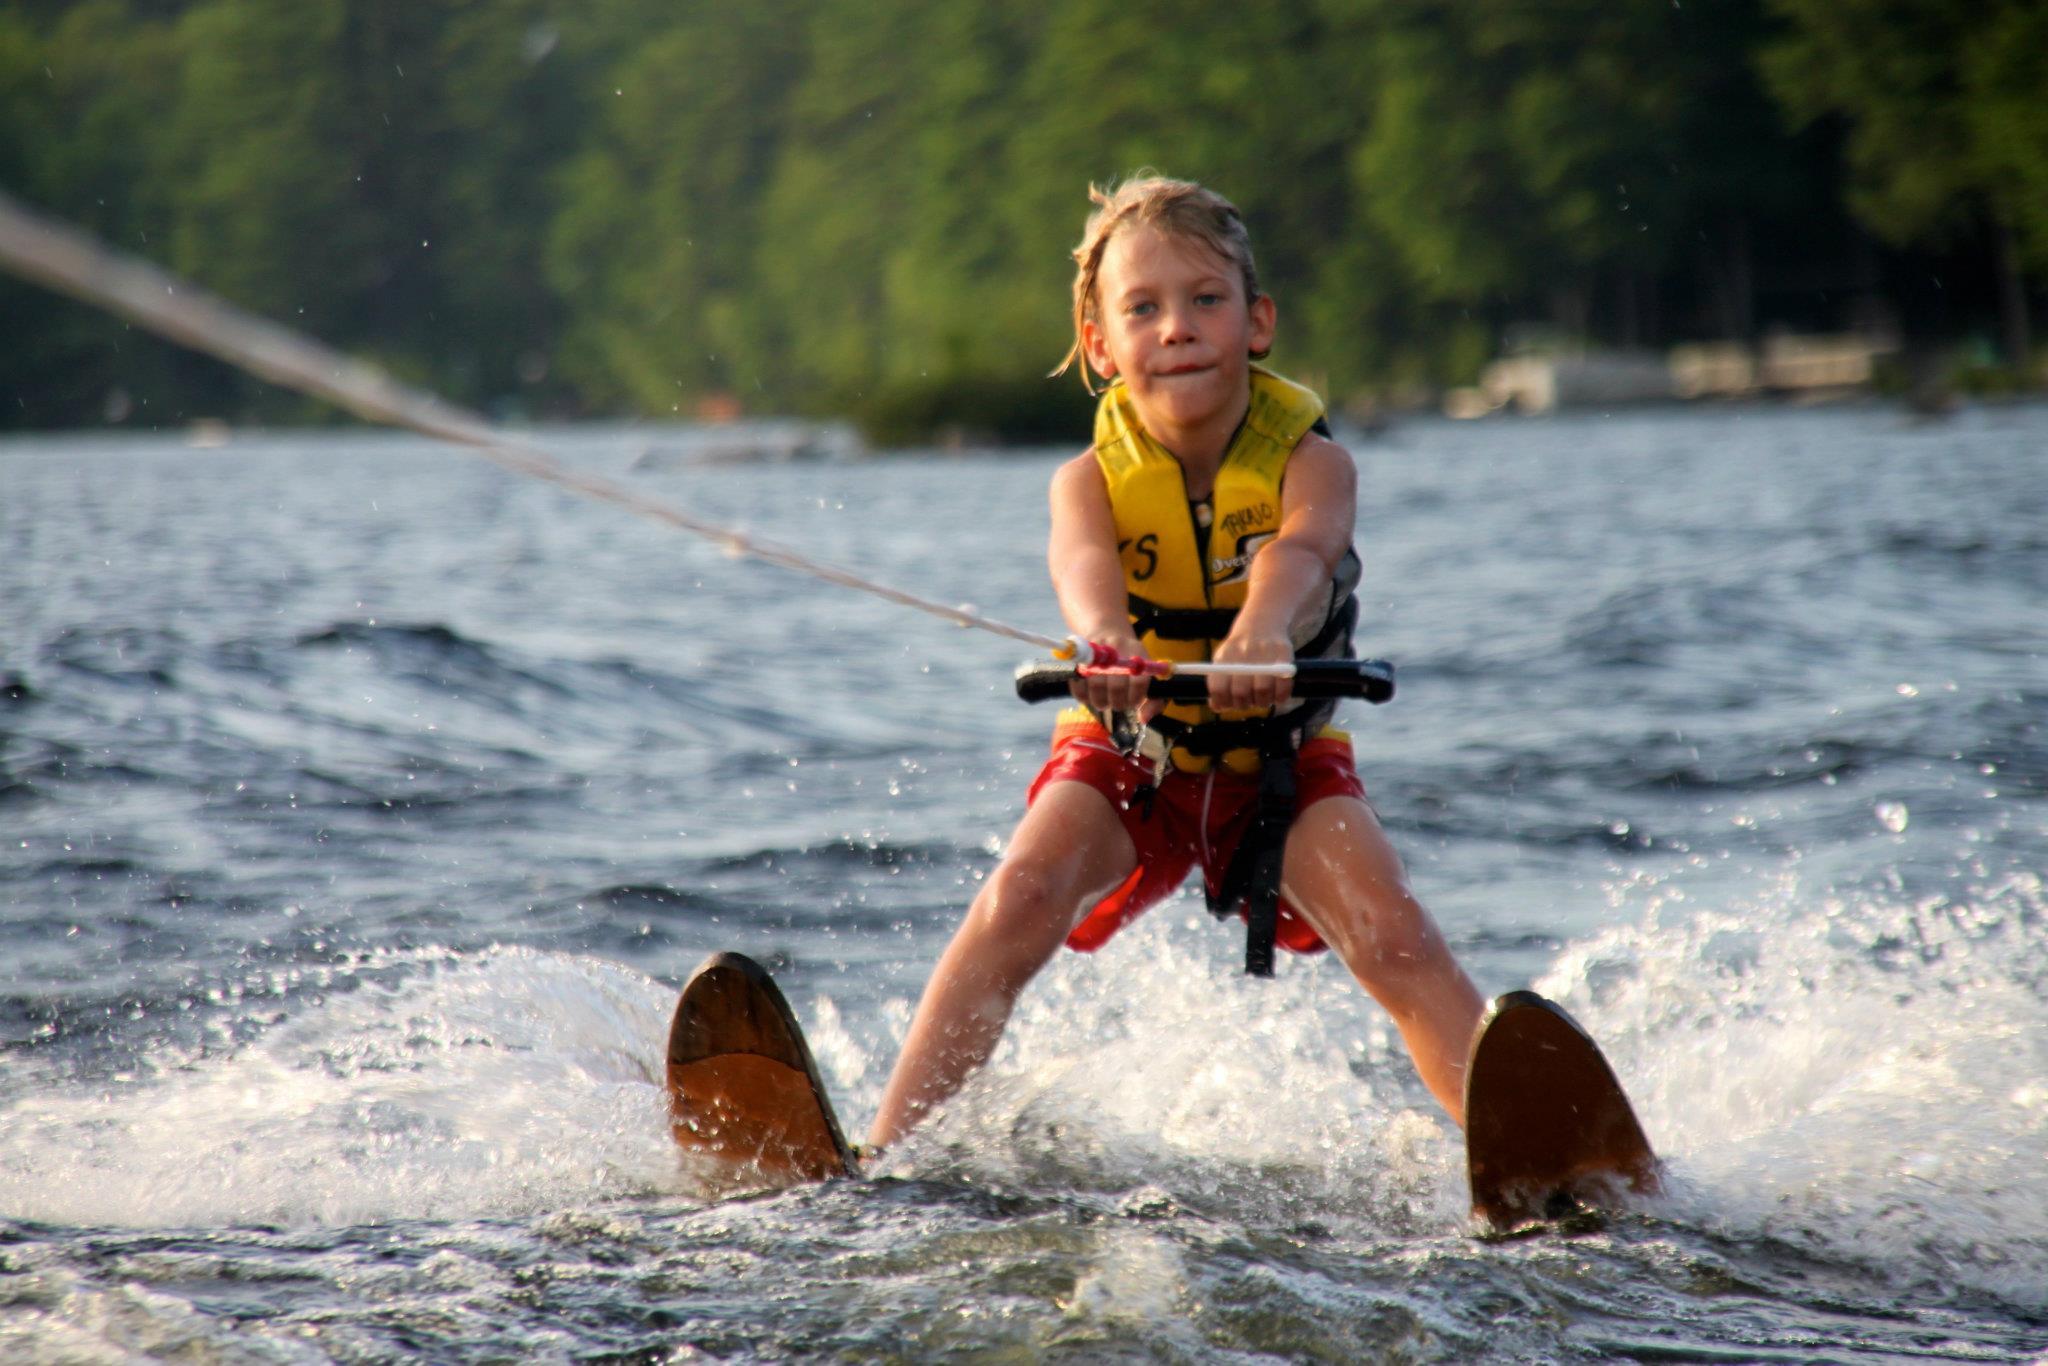 beginner-waterskier-short-tow-rope.jpg